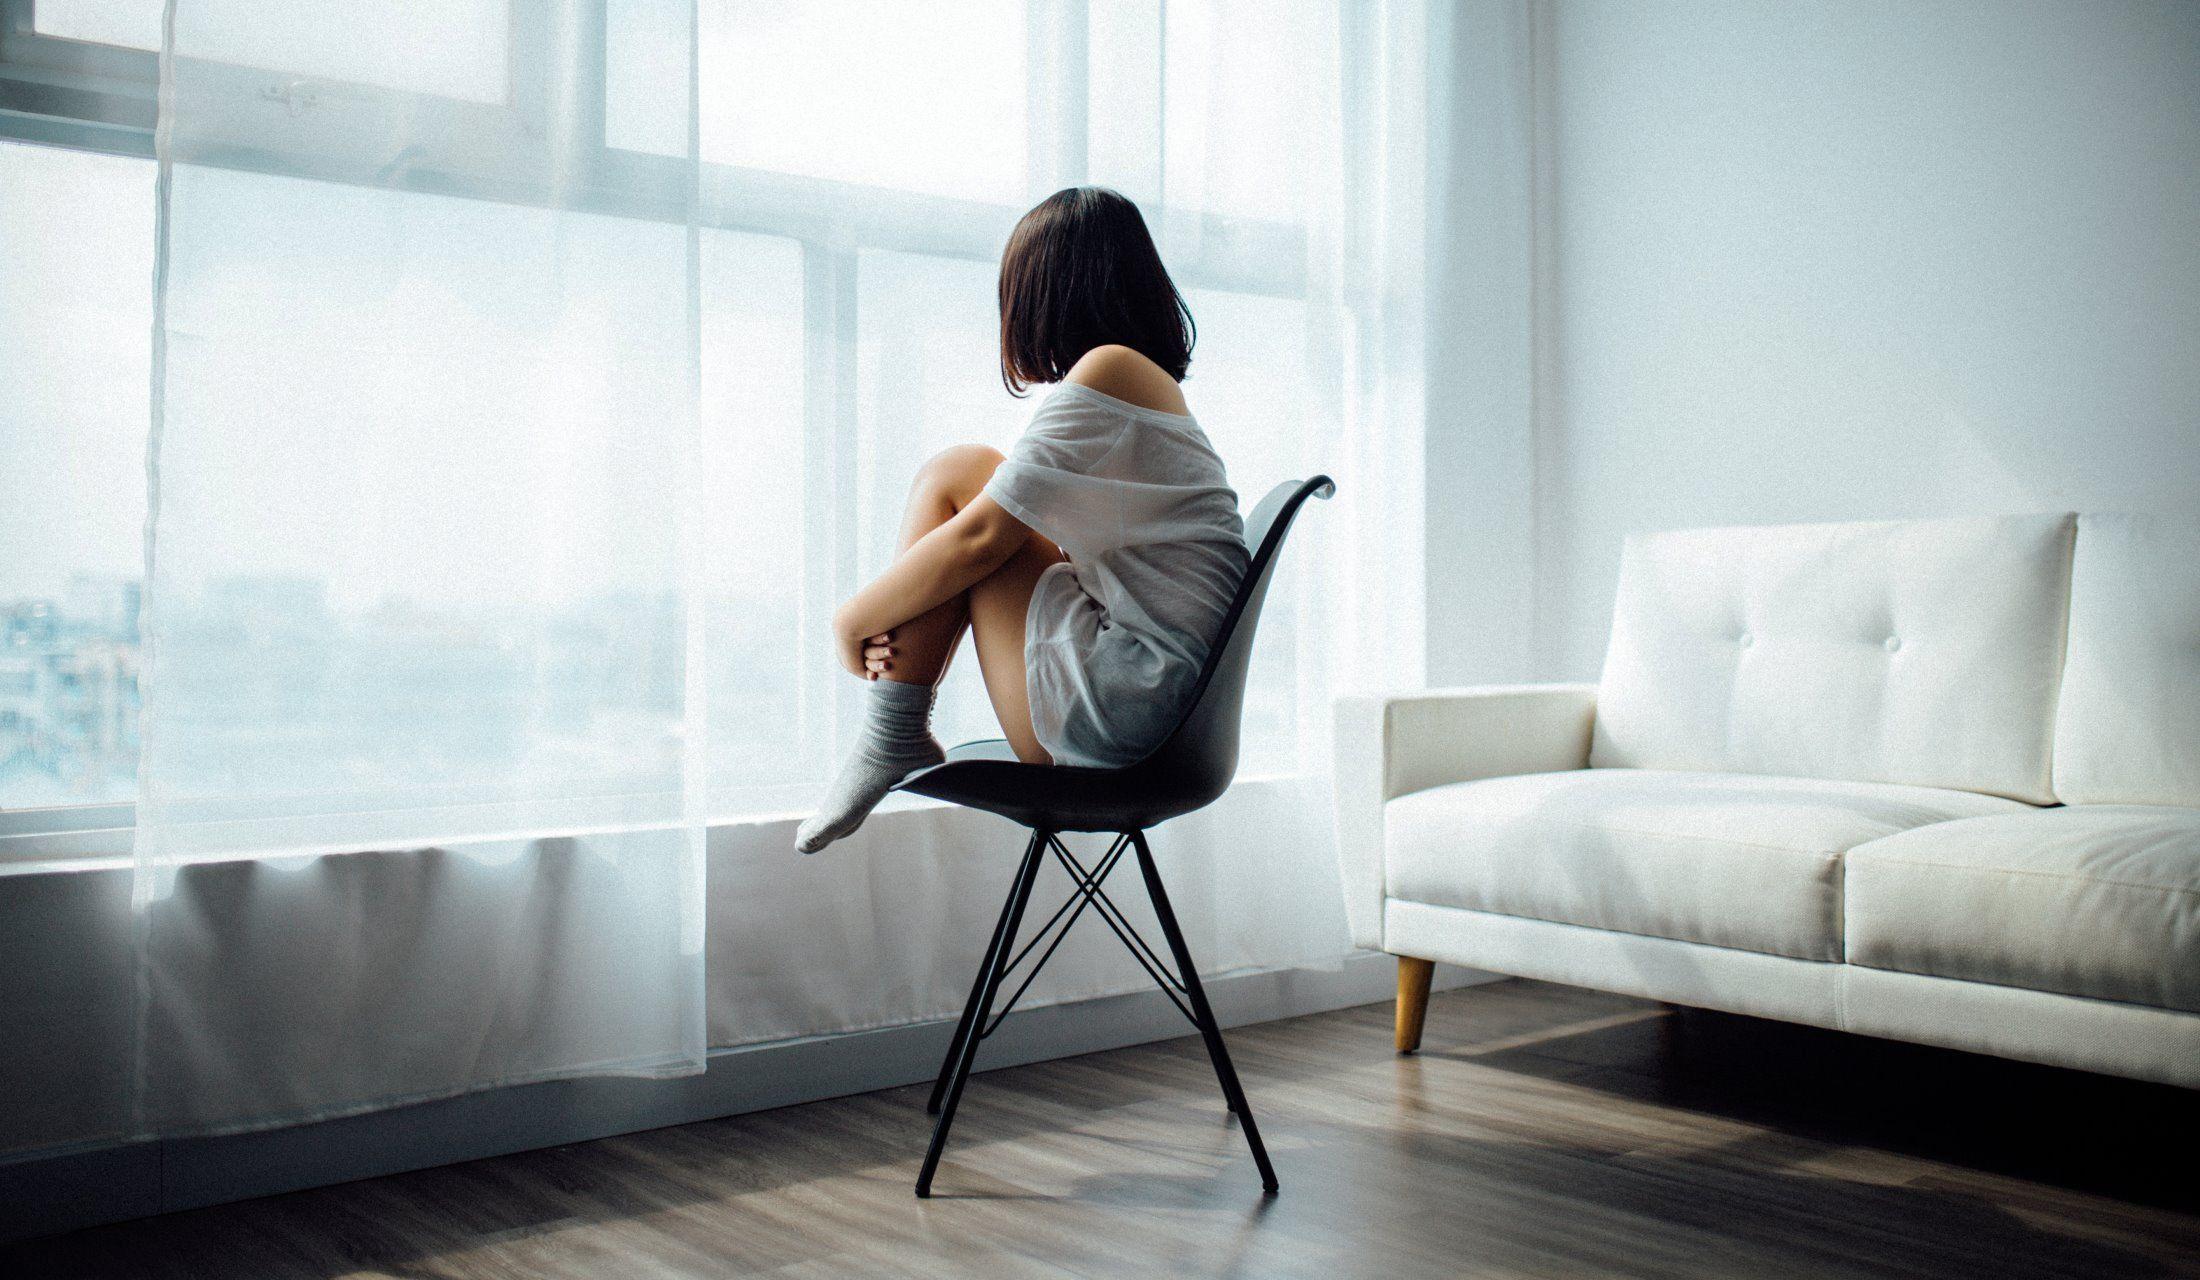 窓際で椅子に体育座りする女性